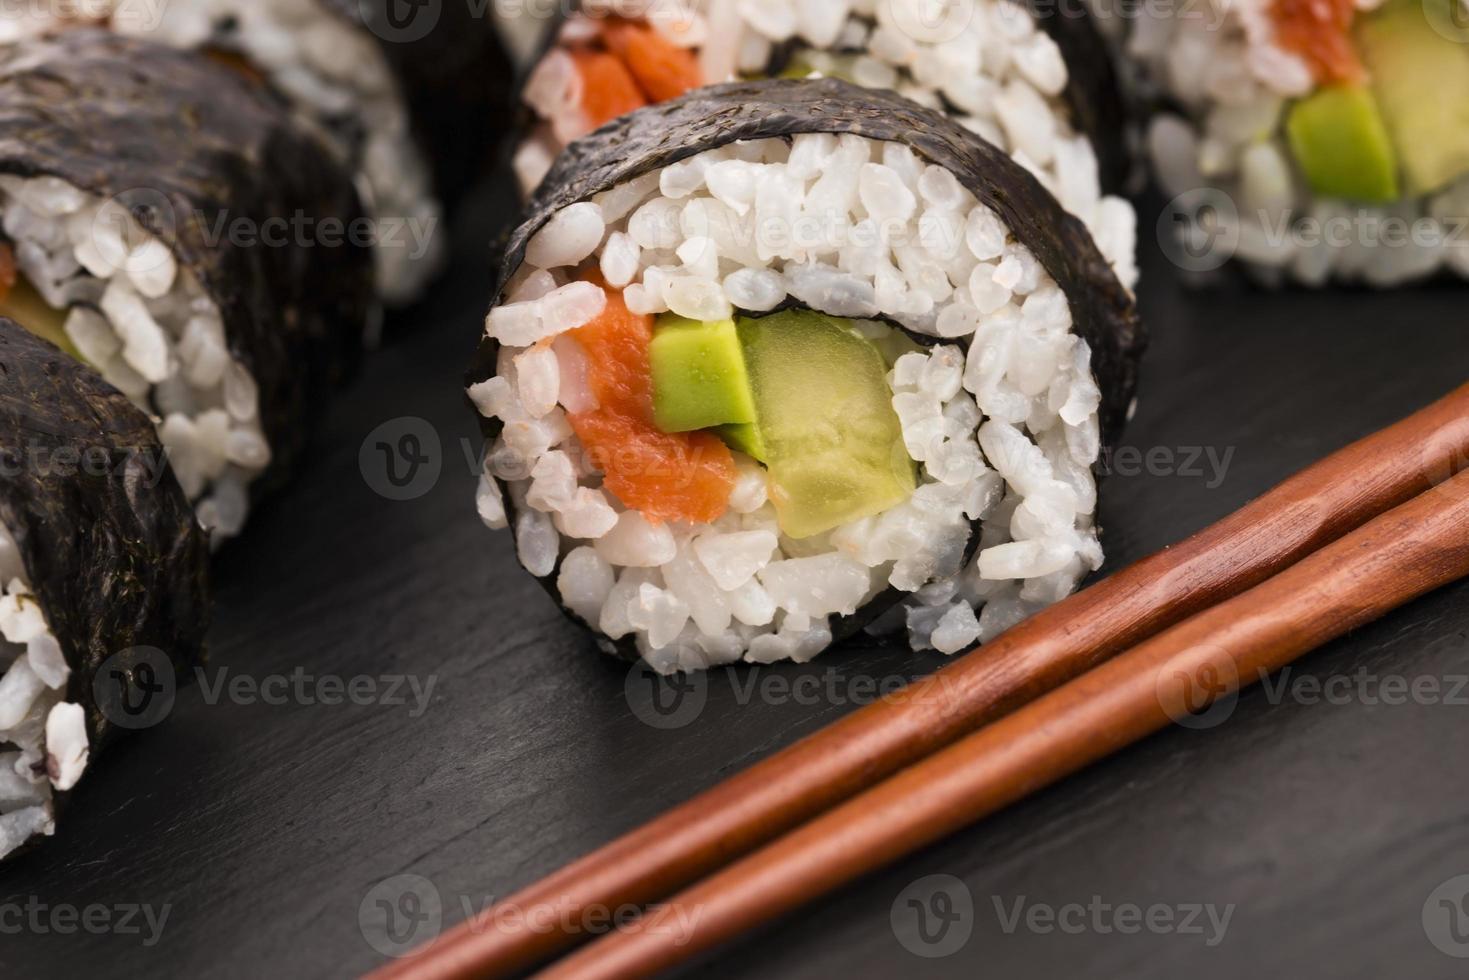 rouleaux de saumon servis dans une assiette photo